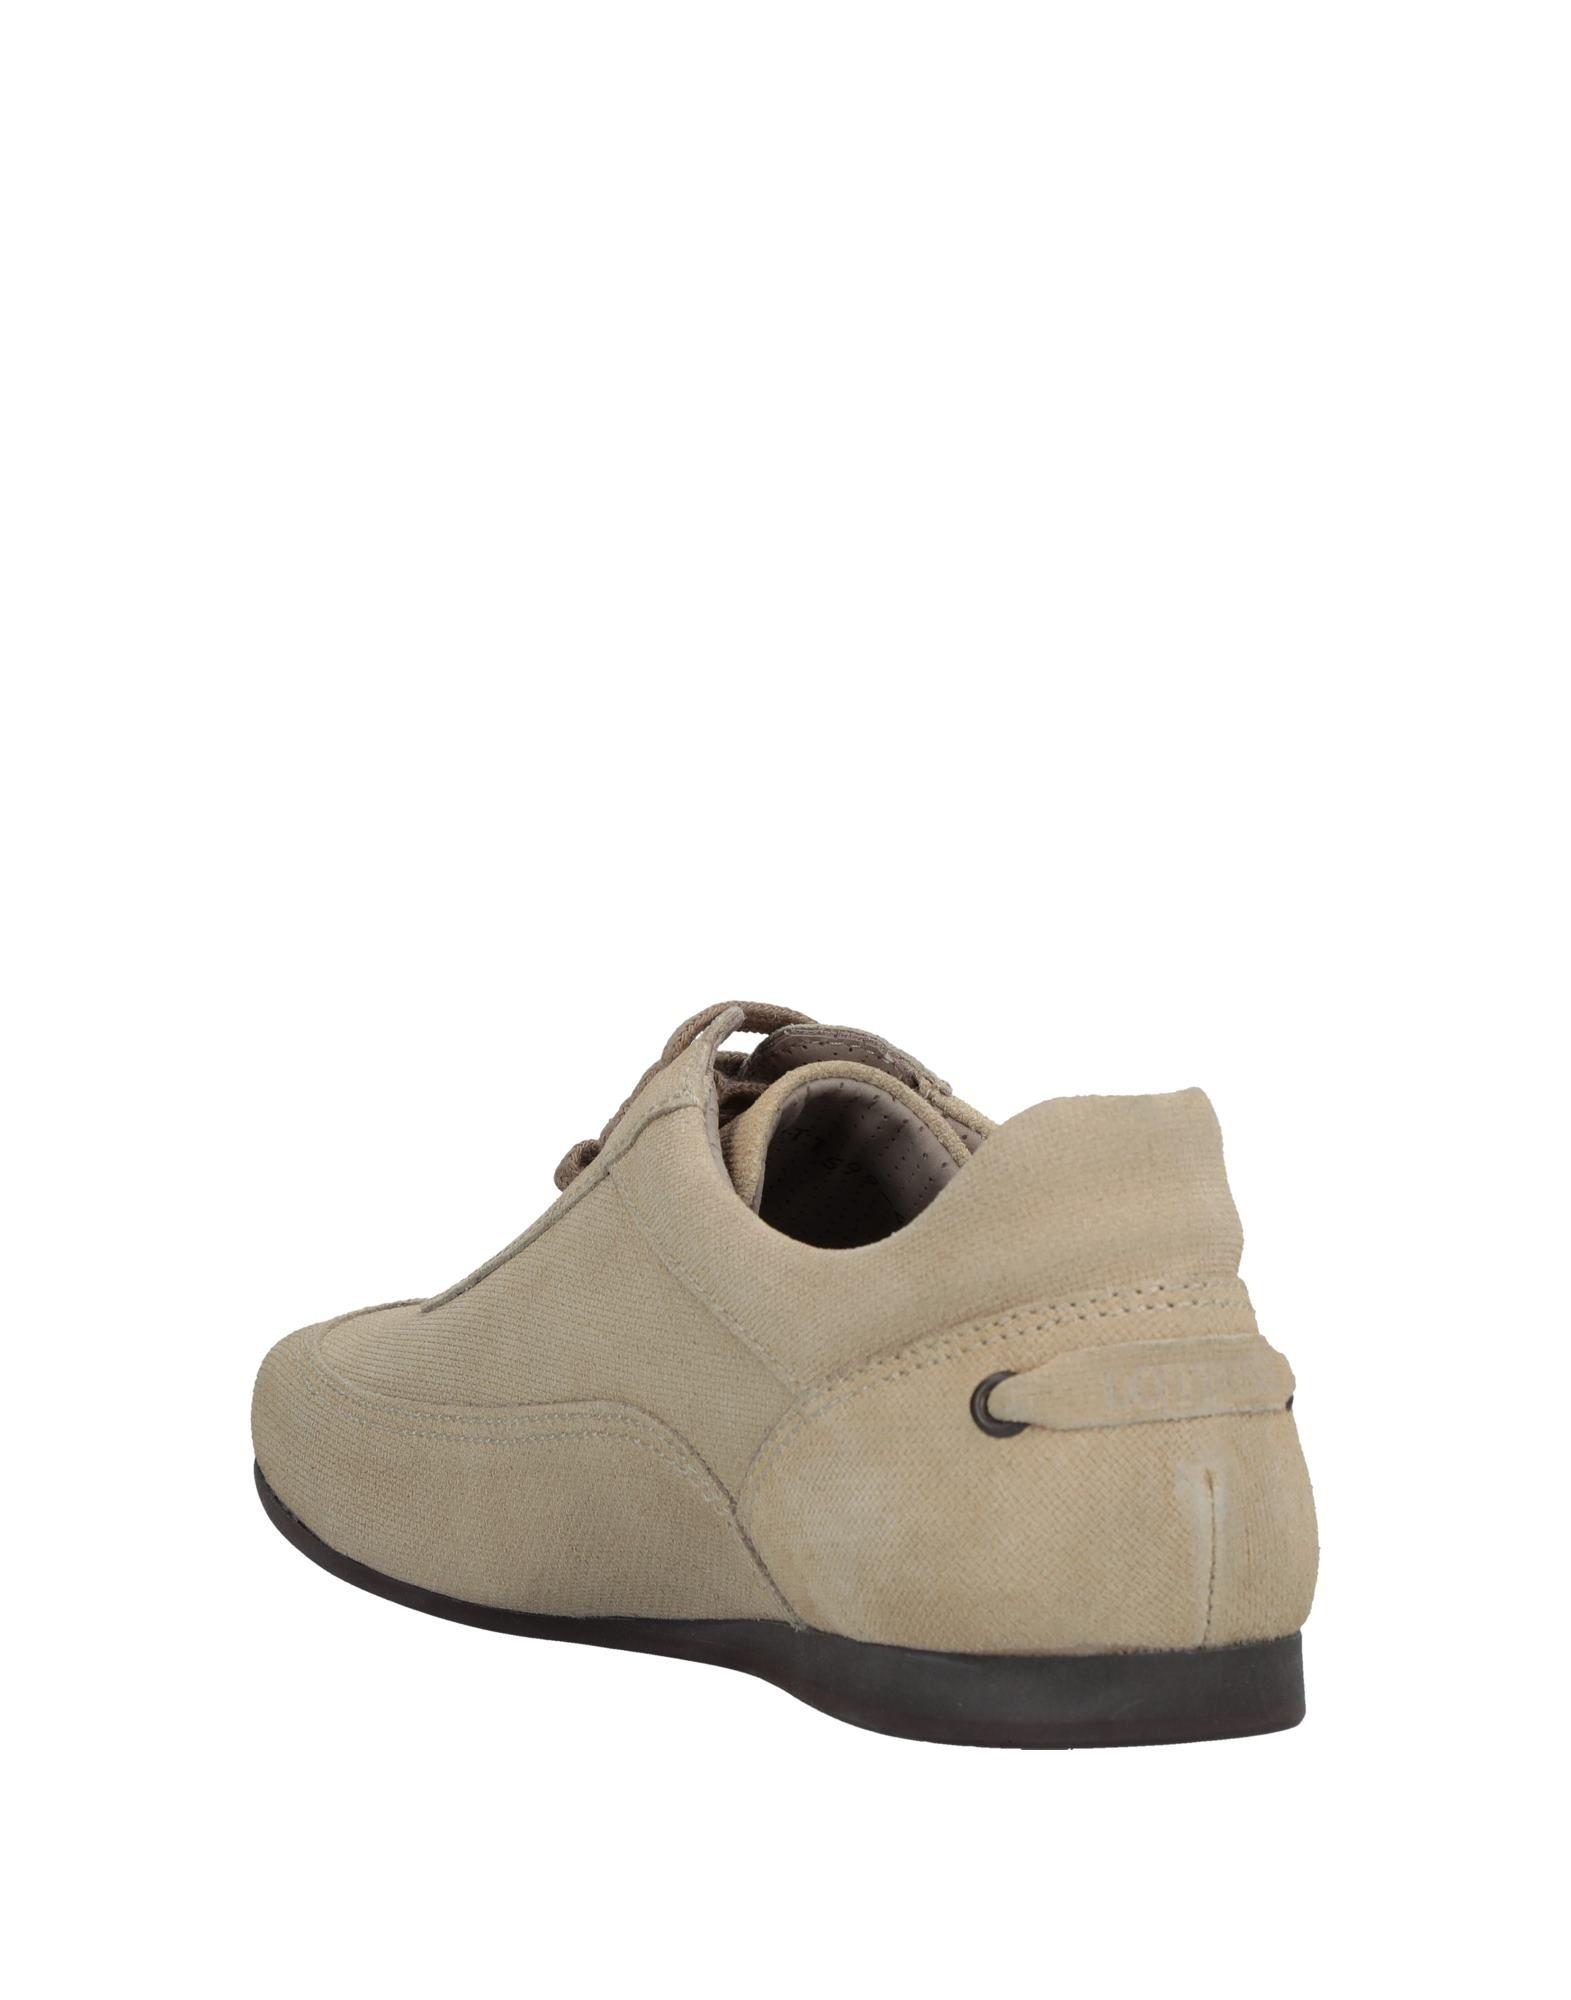 Lottusse Lottusse Lottusse Sneakers Herren Gutes Preis-Leistungs-Verhältnis, es lohnt sich 7b2c08